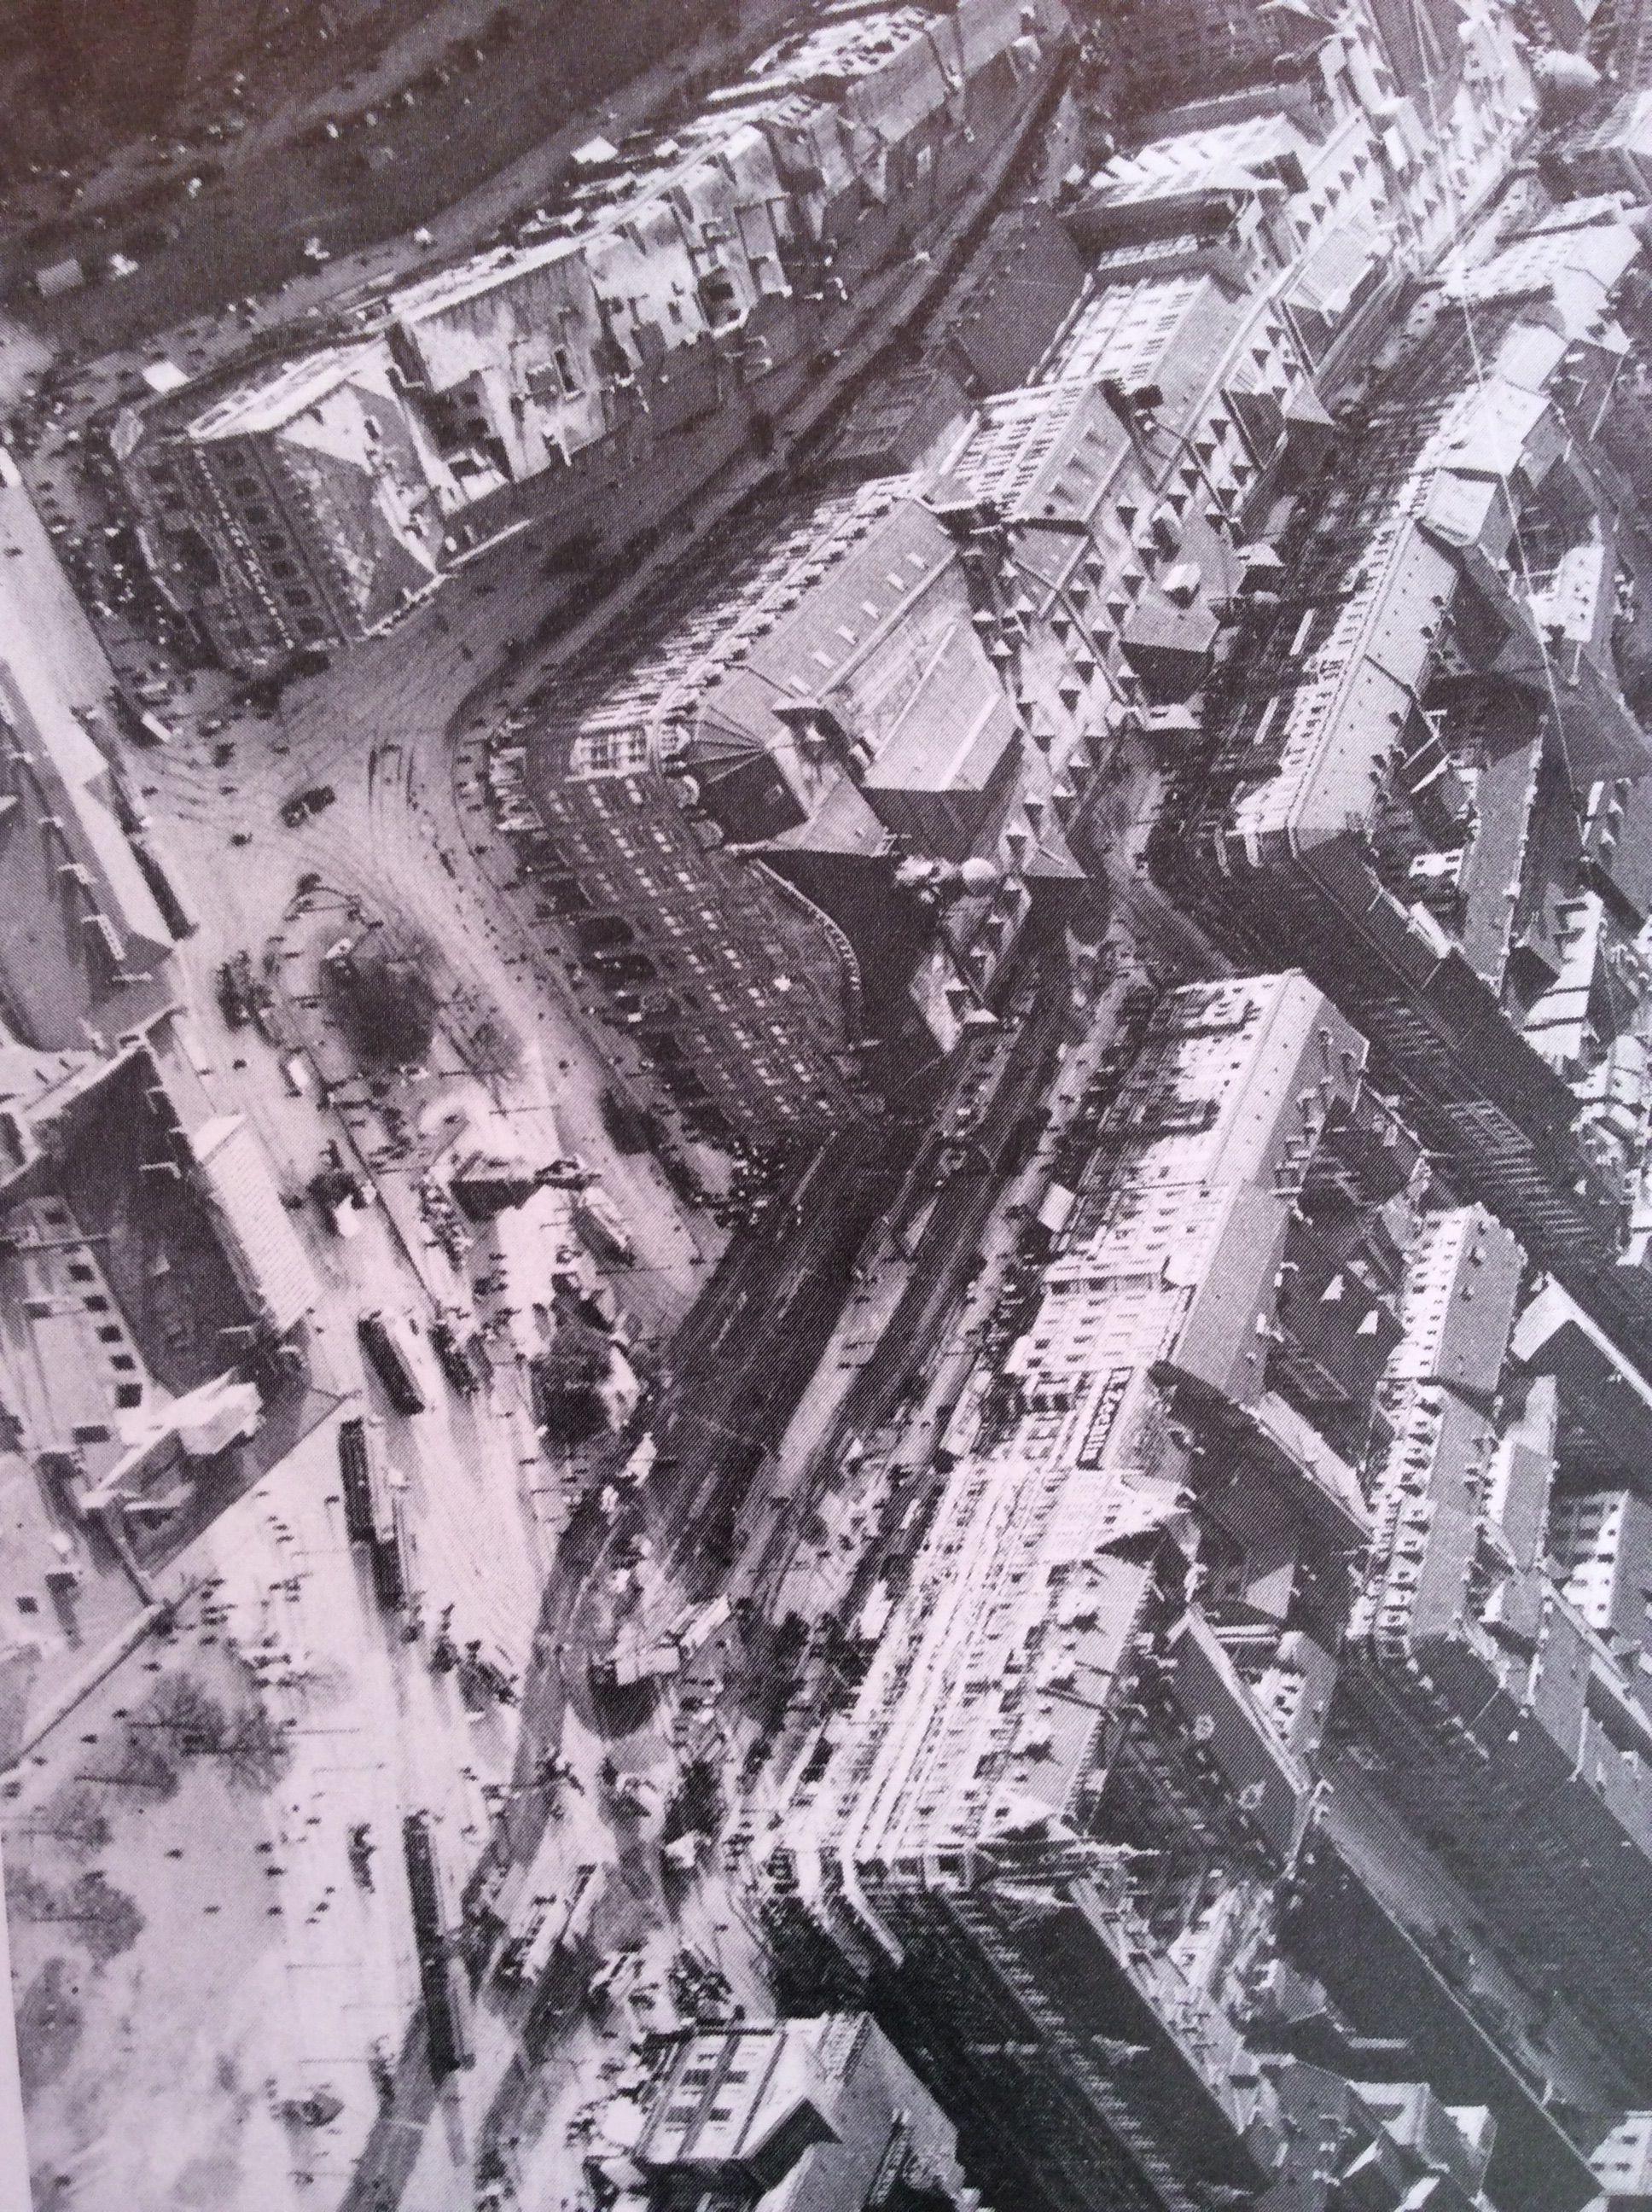 Luftaufnahme Des Alexanderplatz Um 1912 Berlin Geschichte Luftaufnahme Berlin Bilder